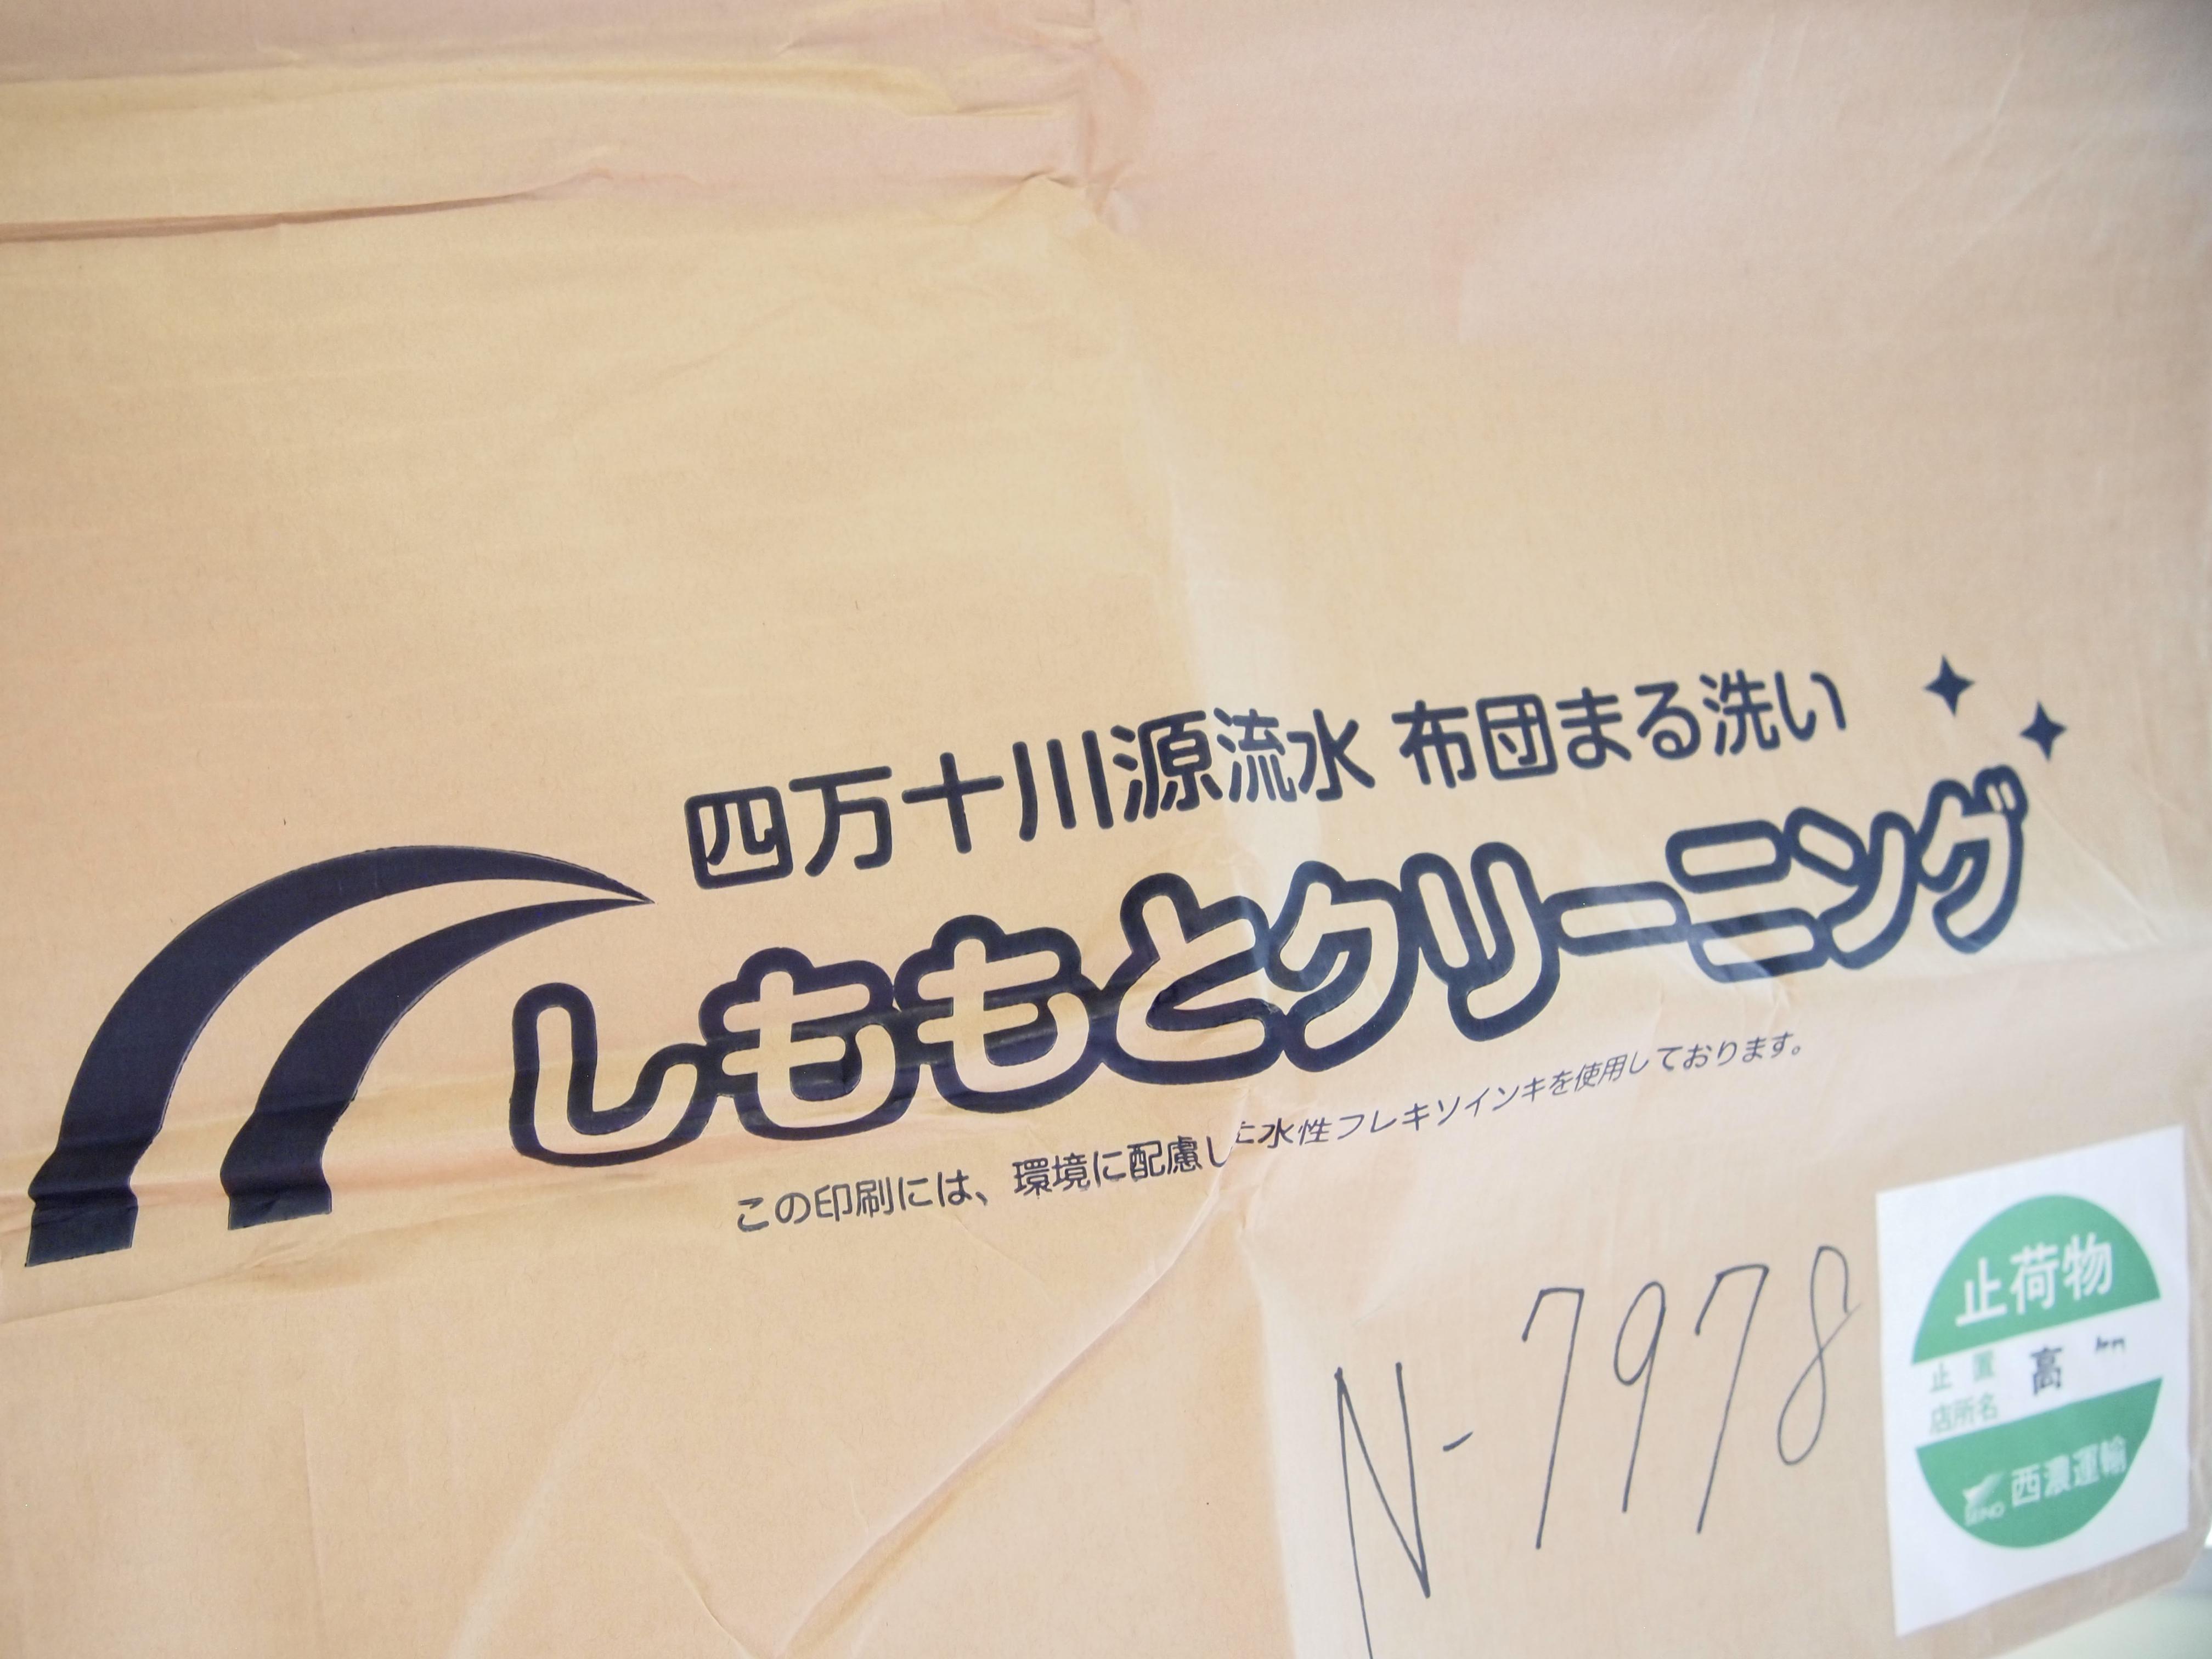 しももとクリーニングで布団を丸洗い!